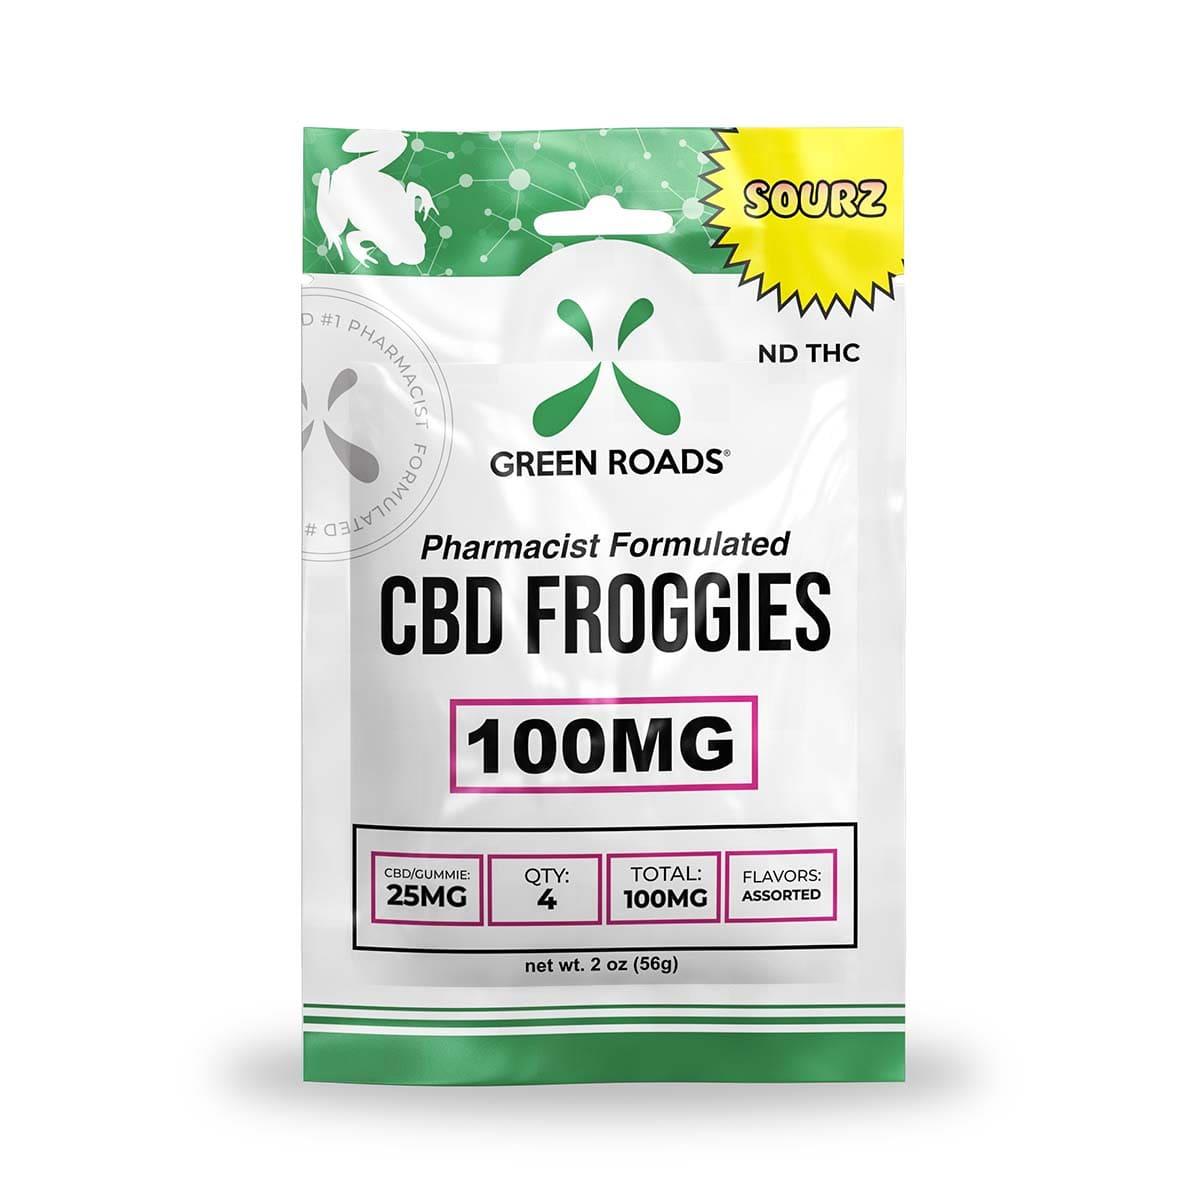 Green Roads Sourz CBD Froggies - 100mg (25mg CBD per froggie) - 2oz